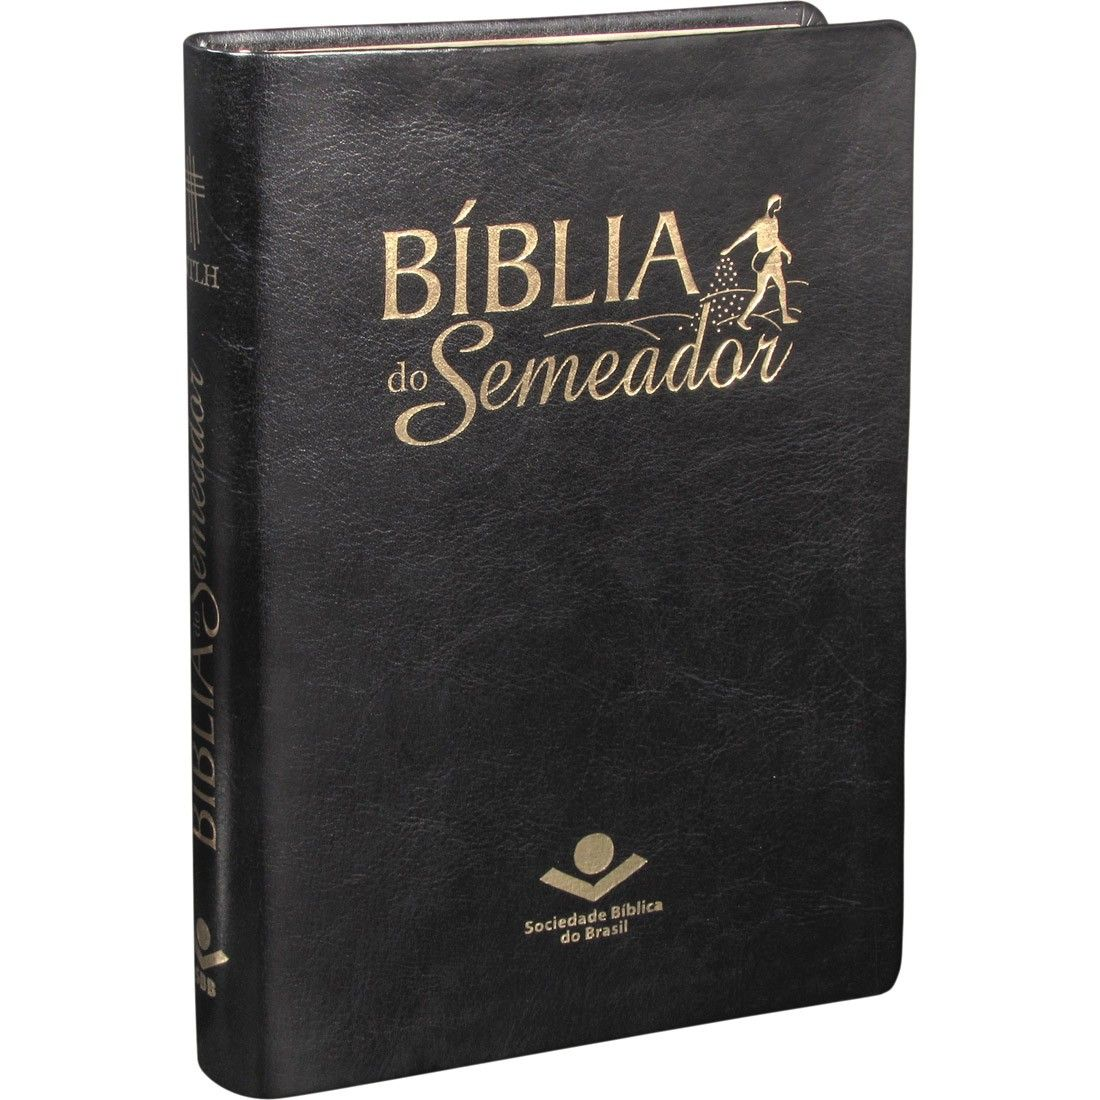 BÍBLIA DO SEMEADOR